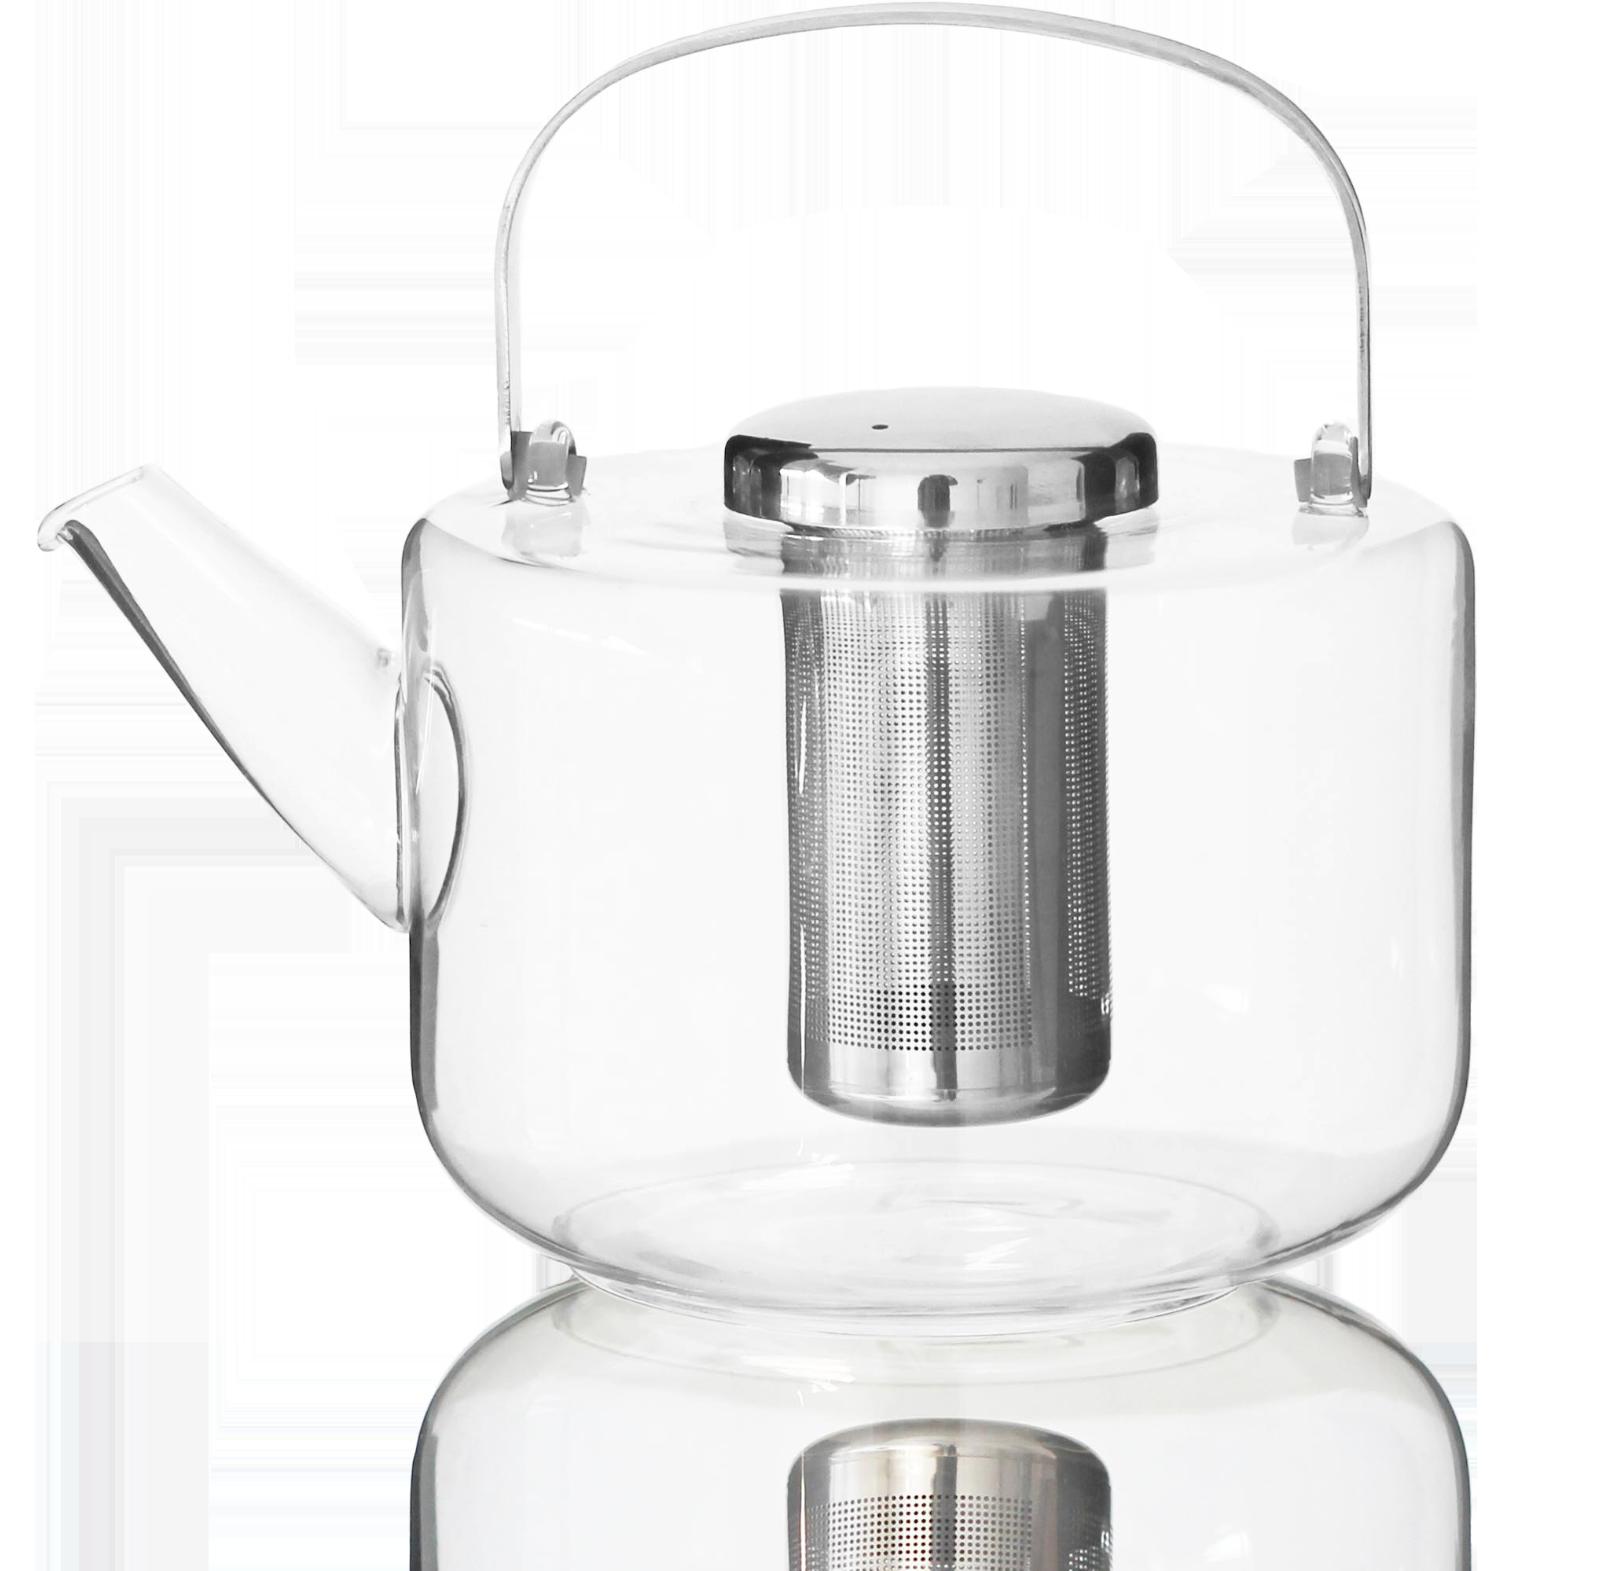 Théière verre Bjorn 1,2L - Accessoire pour le thé - Kusmi Tea